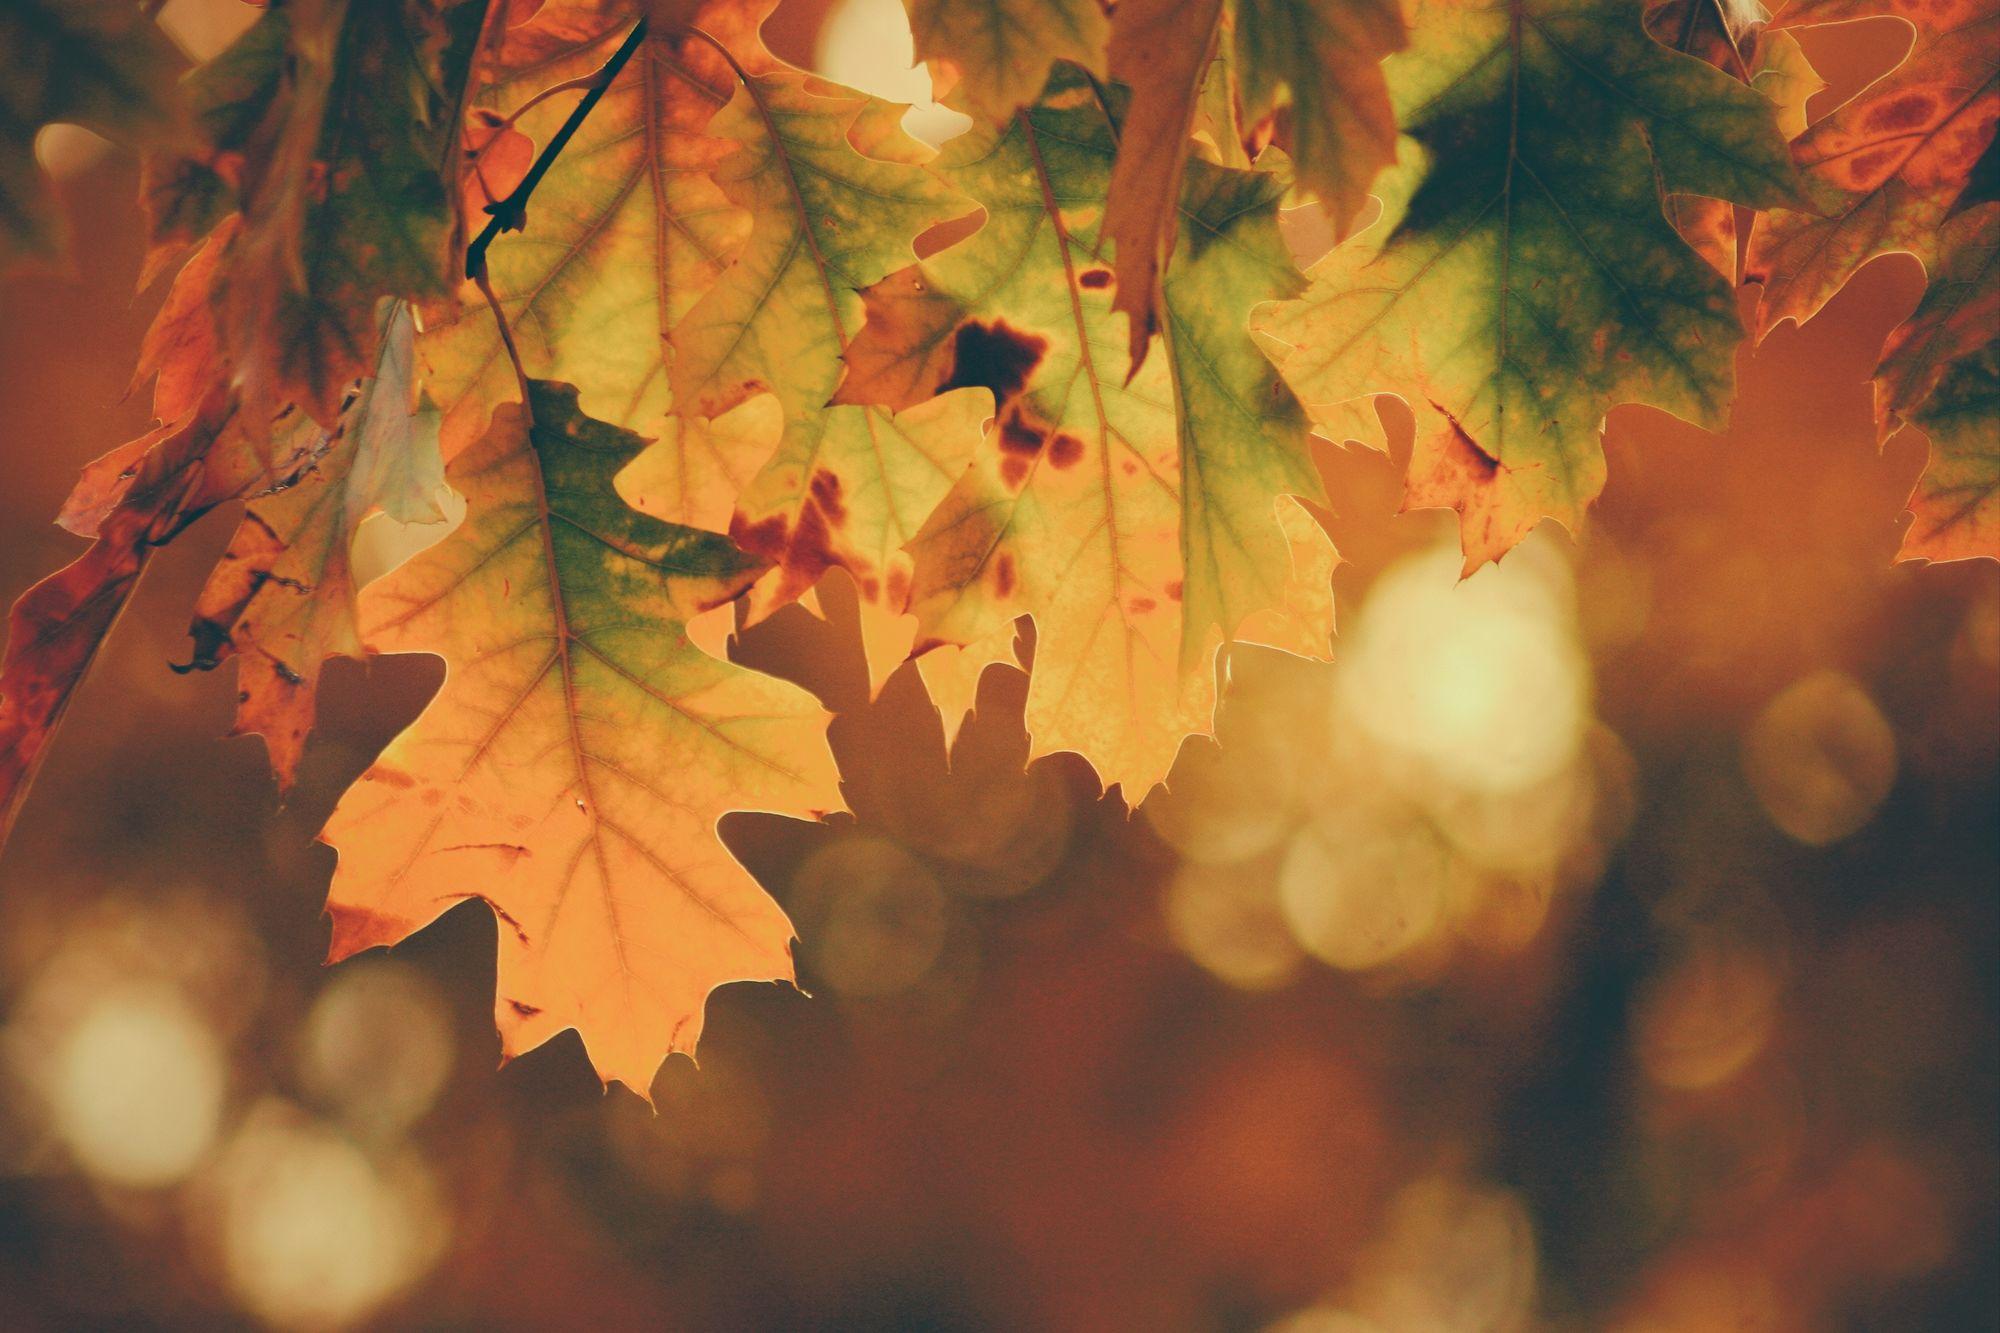 a poem about Autumn